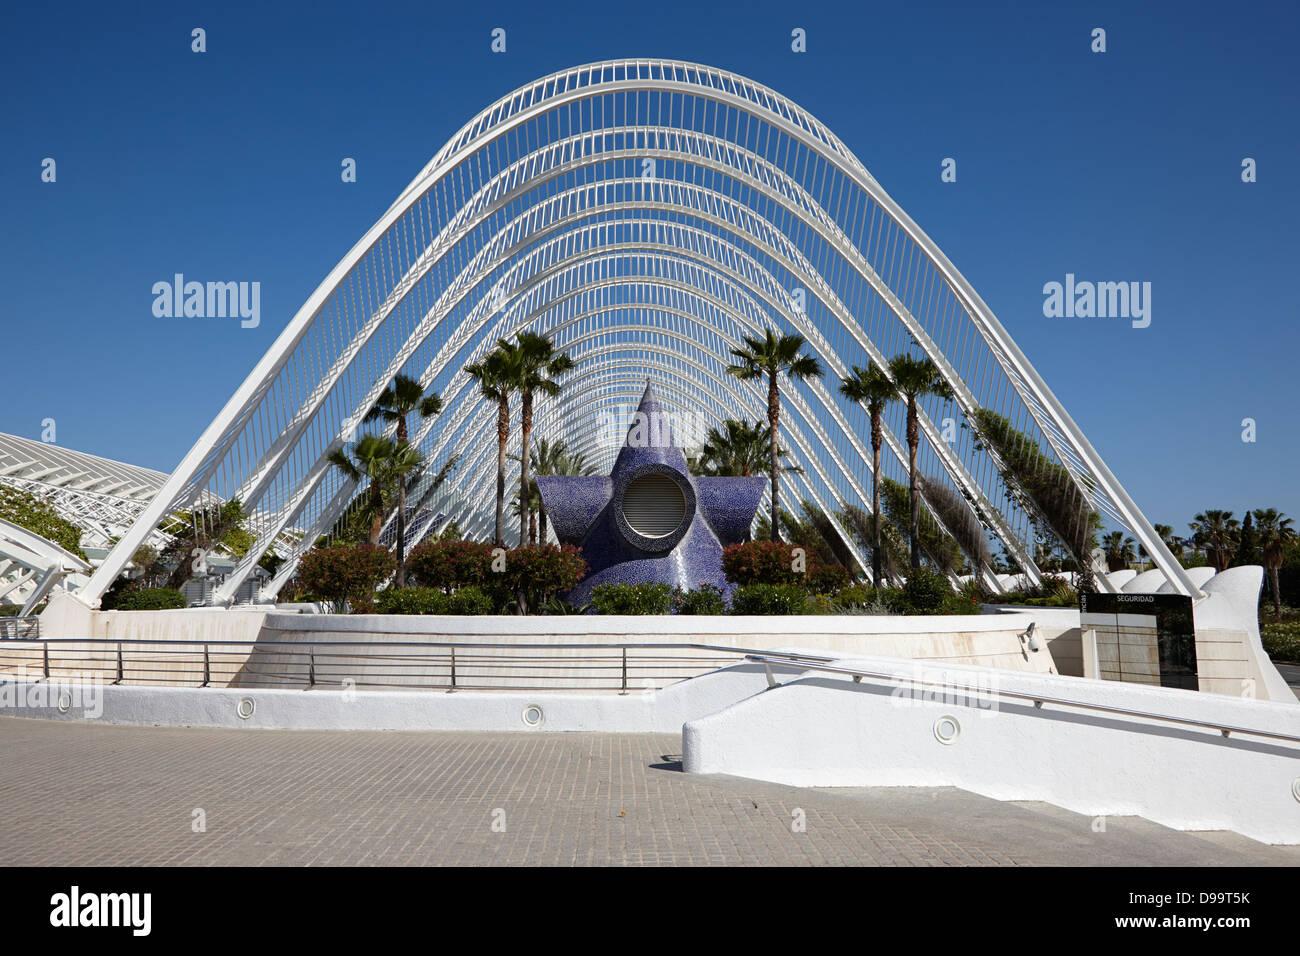 l'umbracle landscaped walk walkway city of arts and sciences ciutat de les arts i les ciencies valencia spain - Stock Image